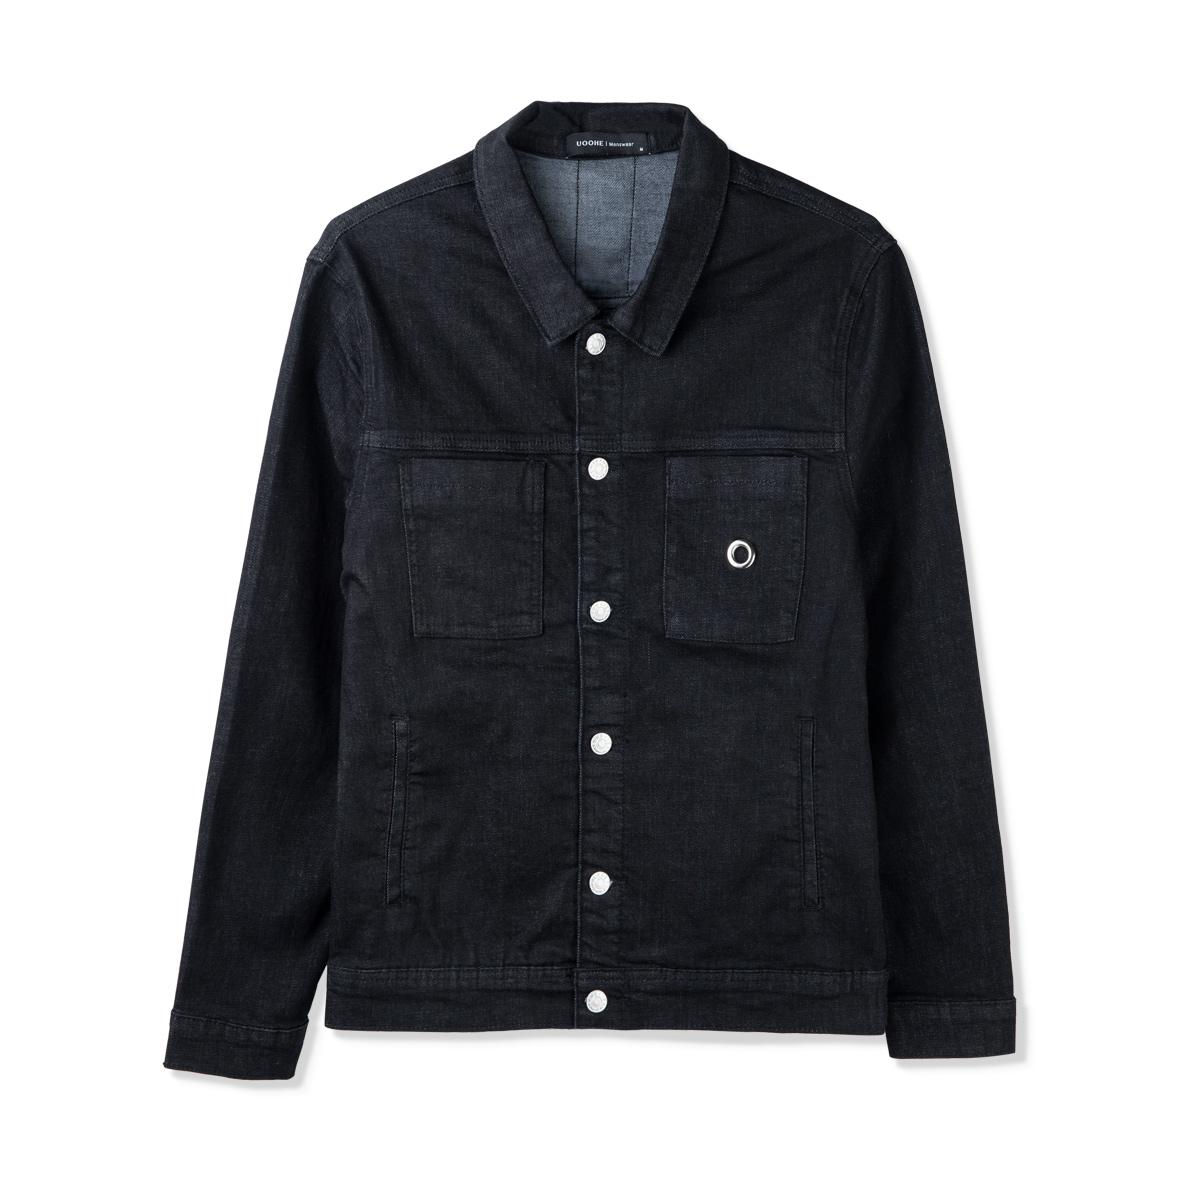 UOOHE2017新款牛仔夹克衫男 欧美时尚潮牌外套青年帅气个性外衣男